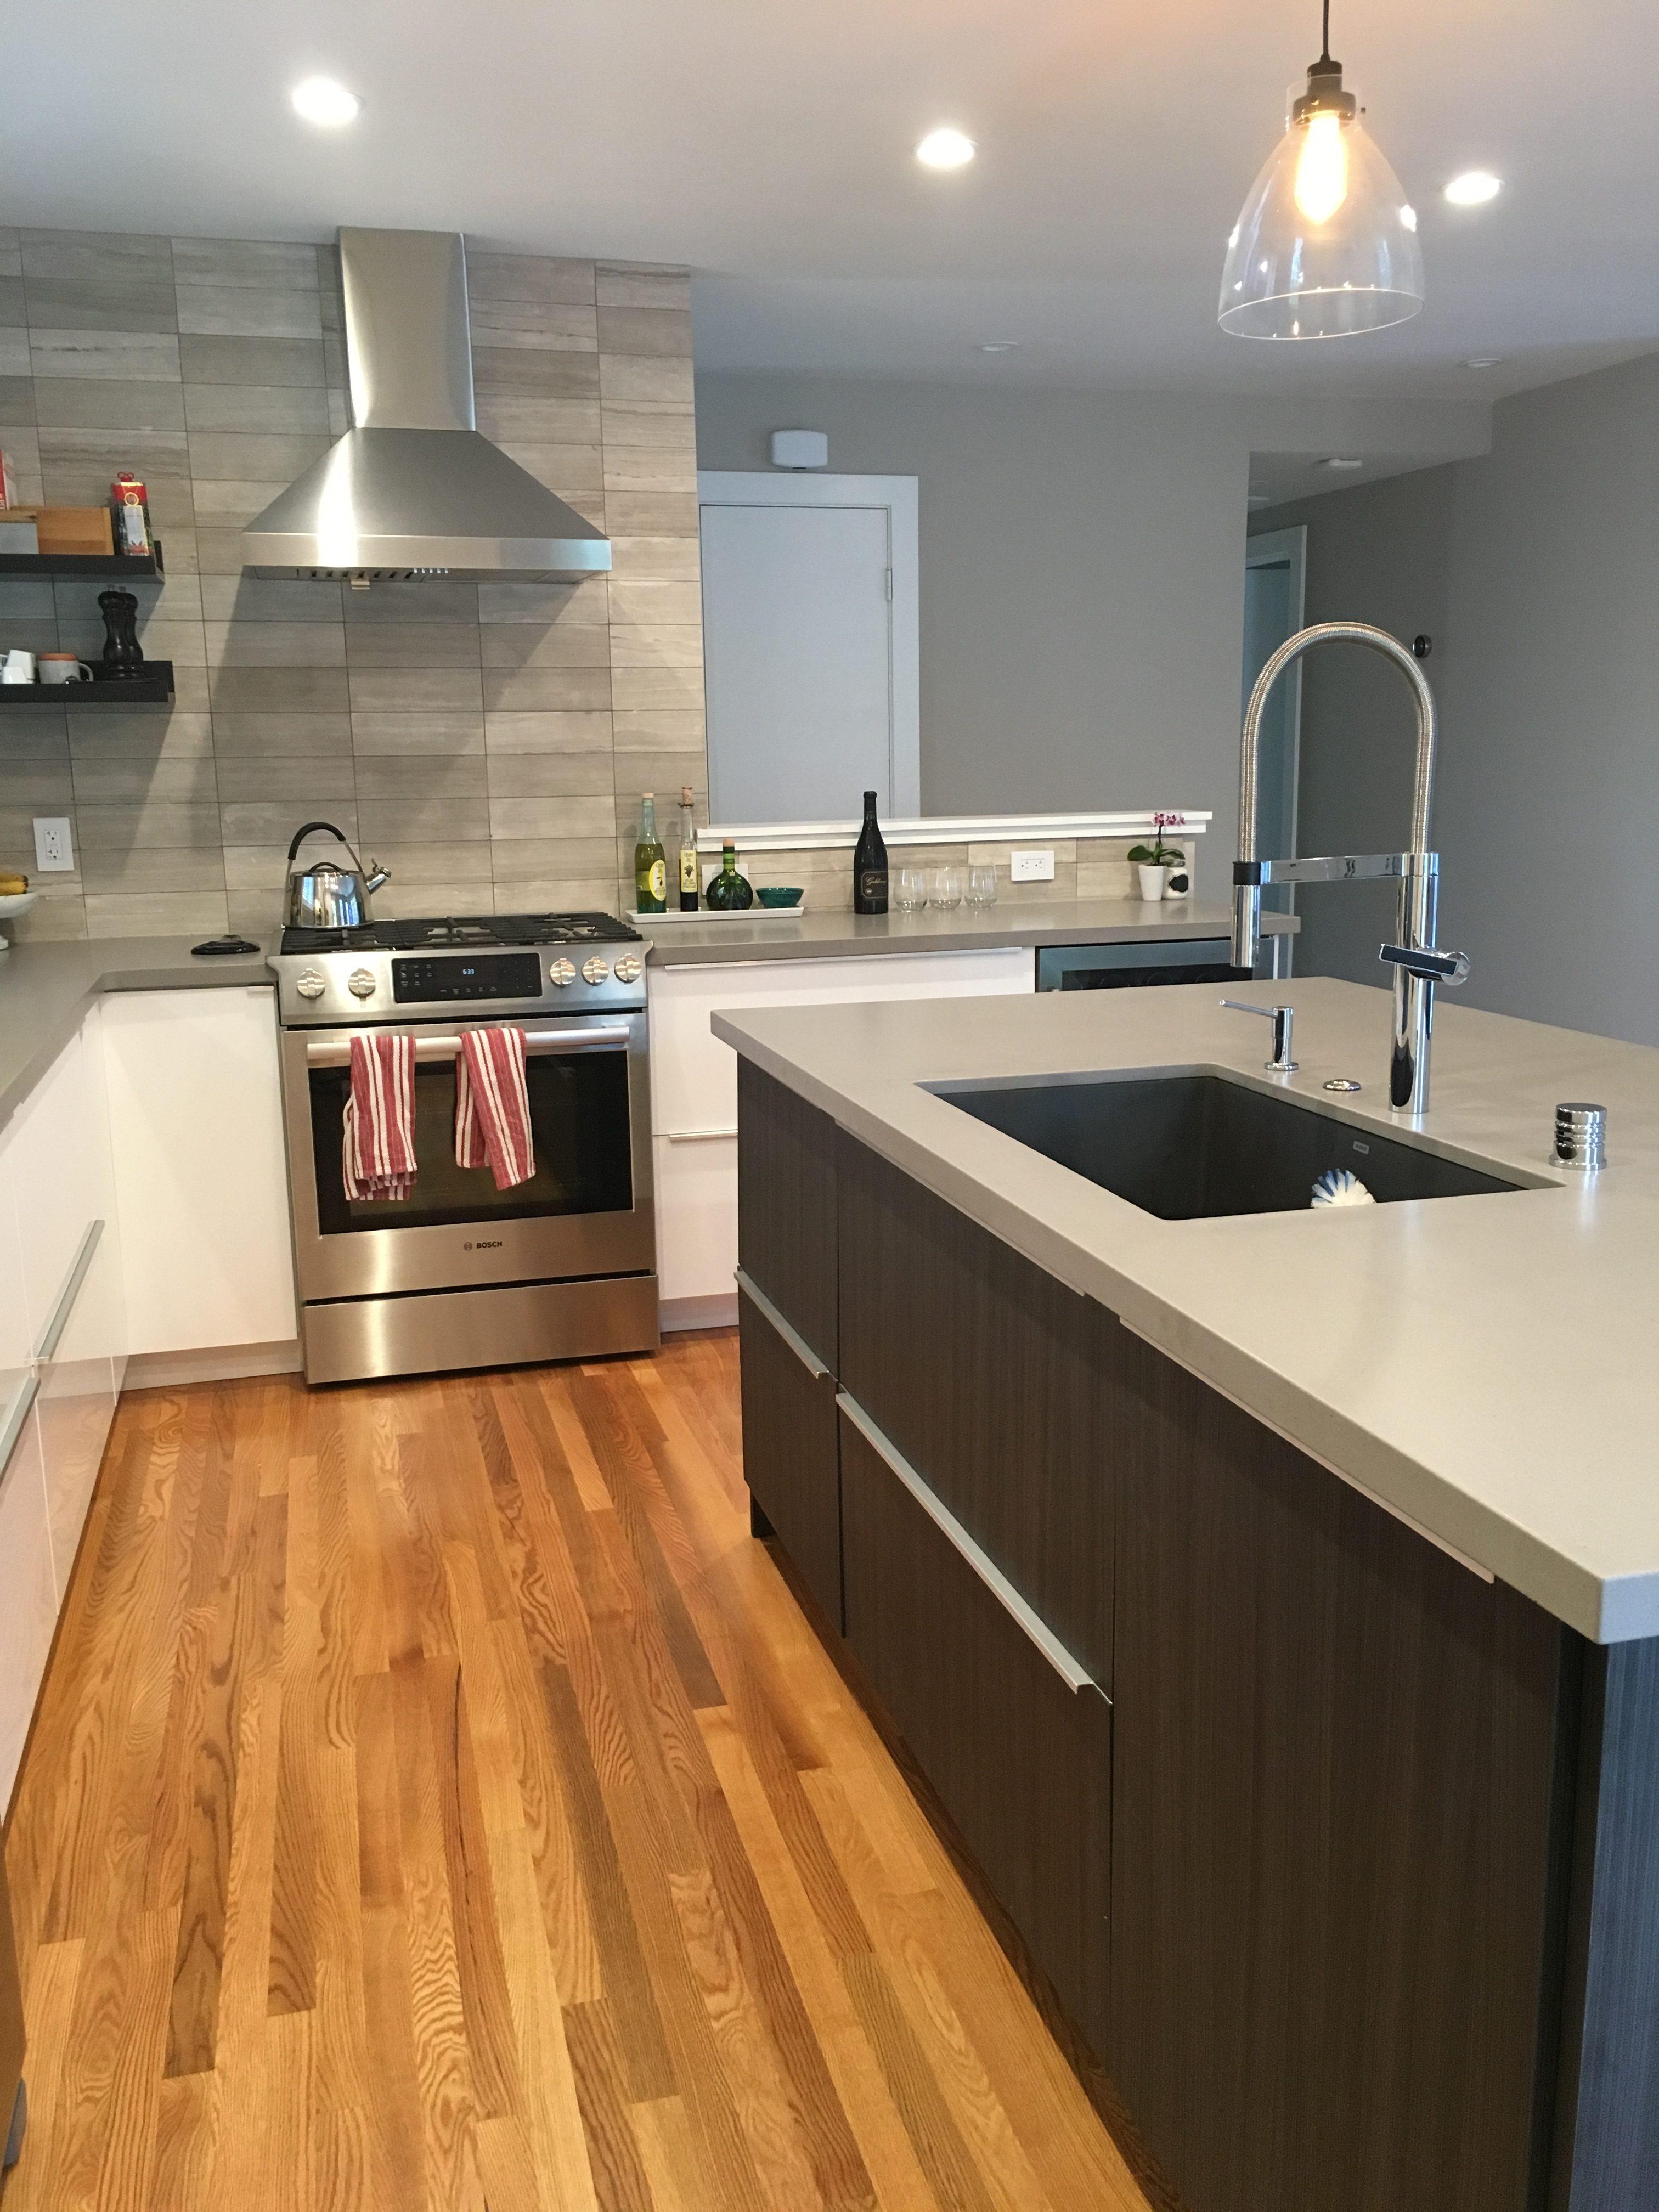 Different Kitchen Designs Layouts